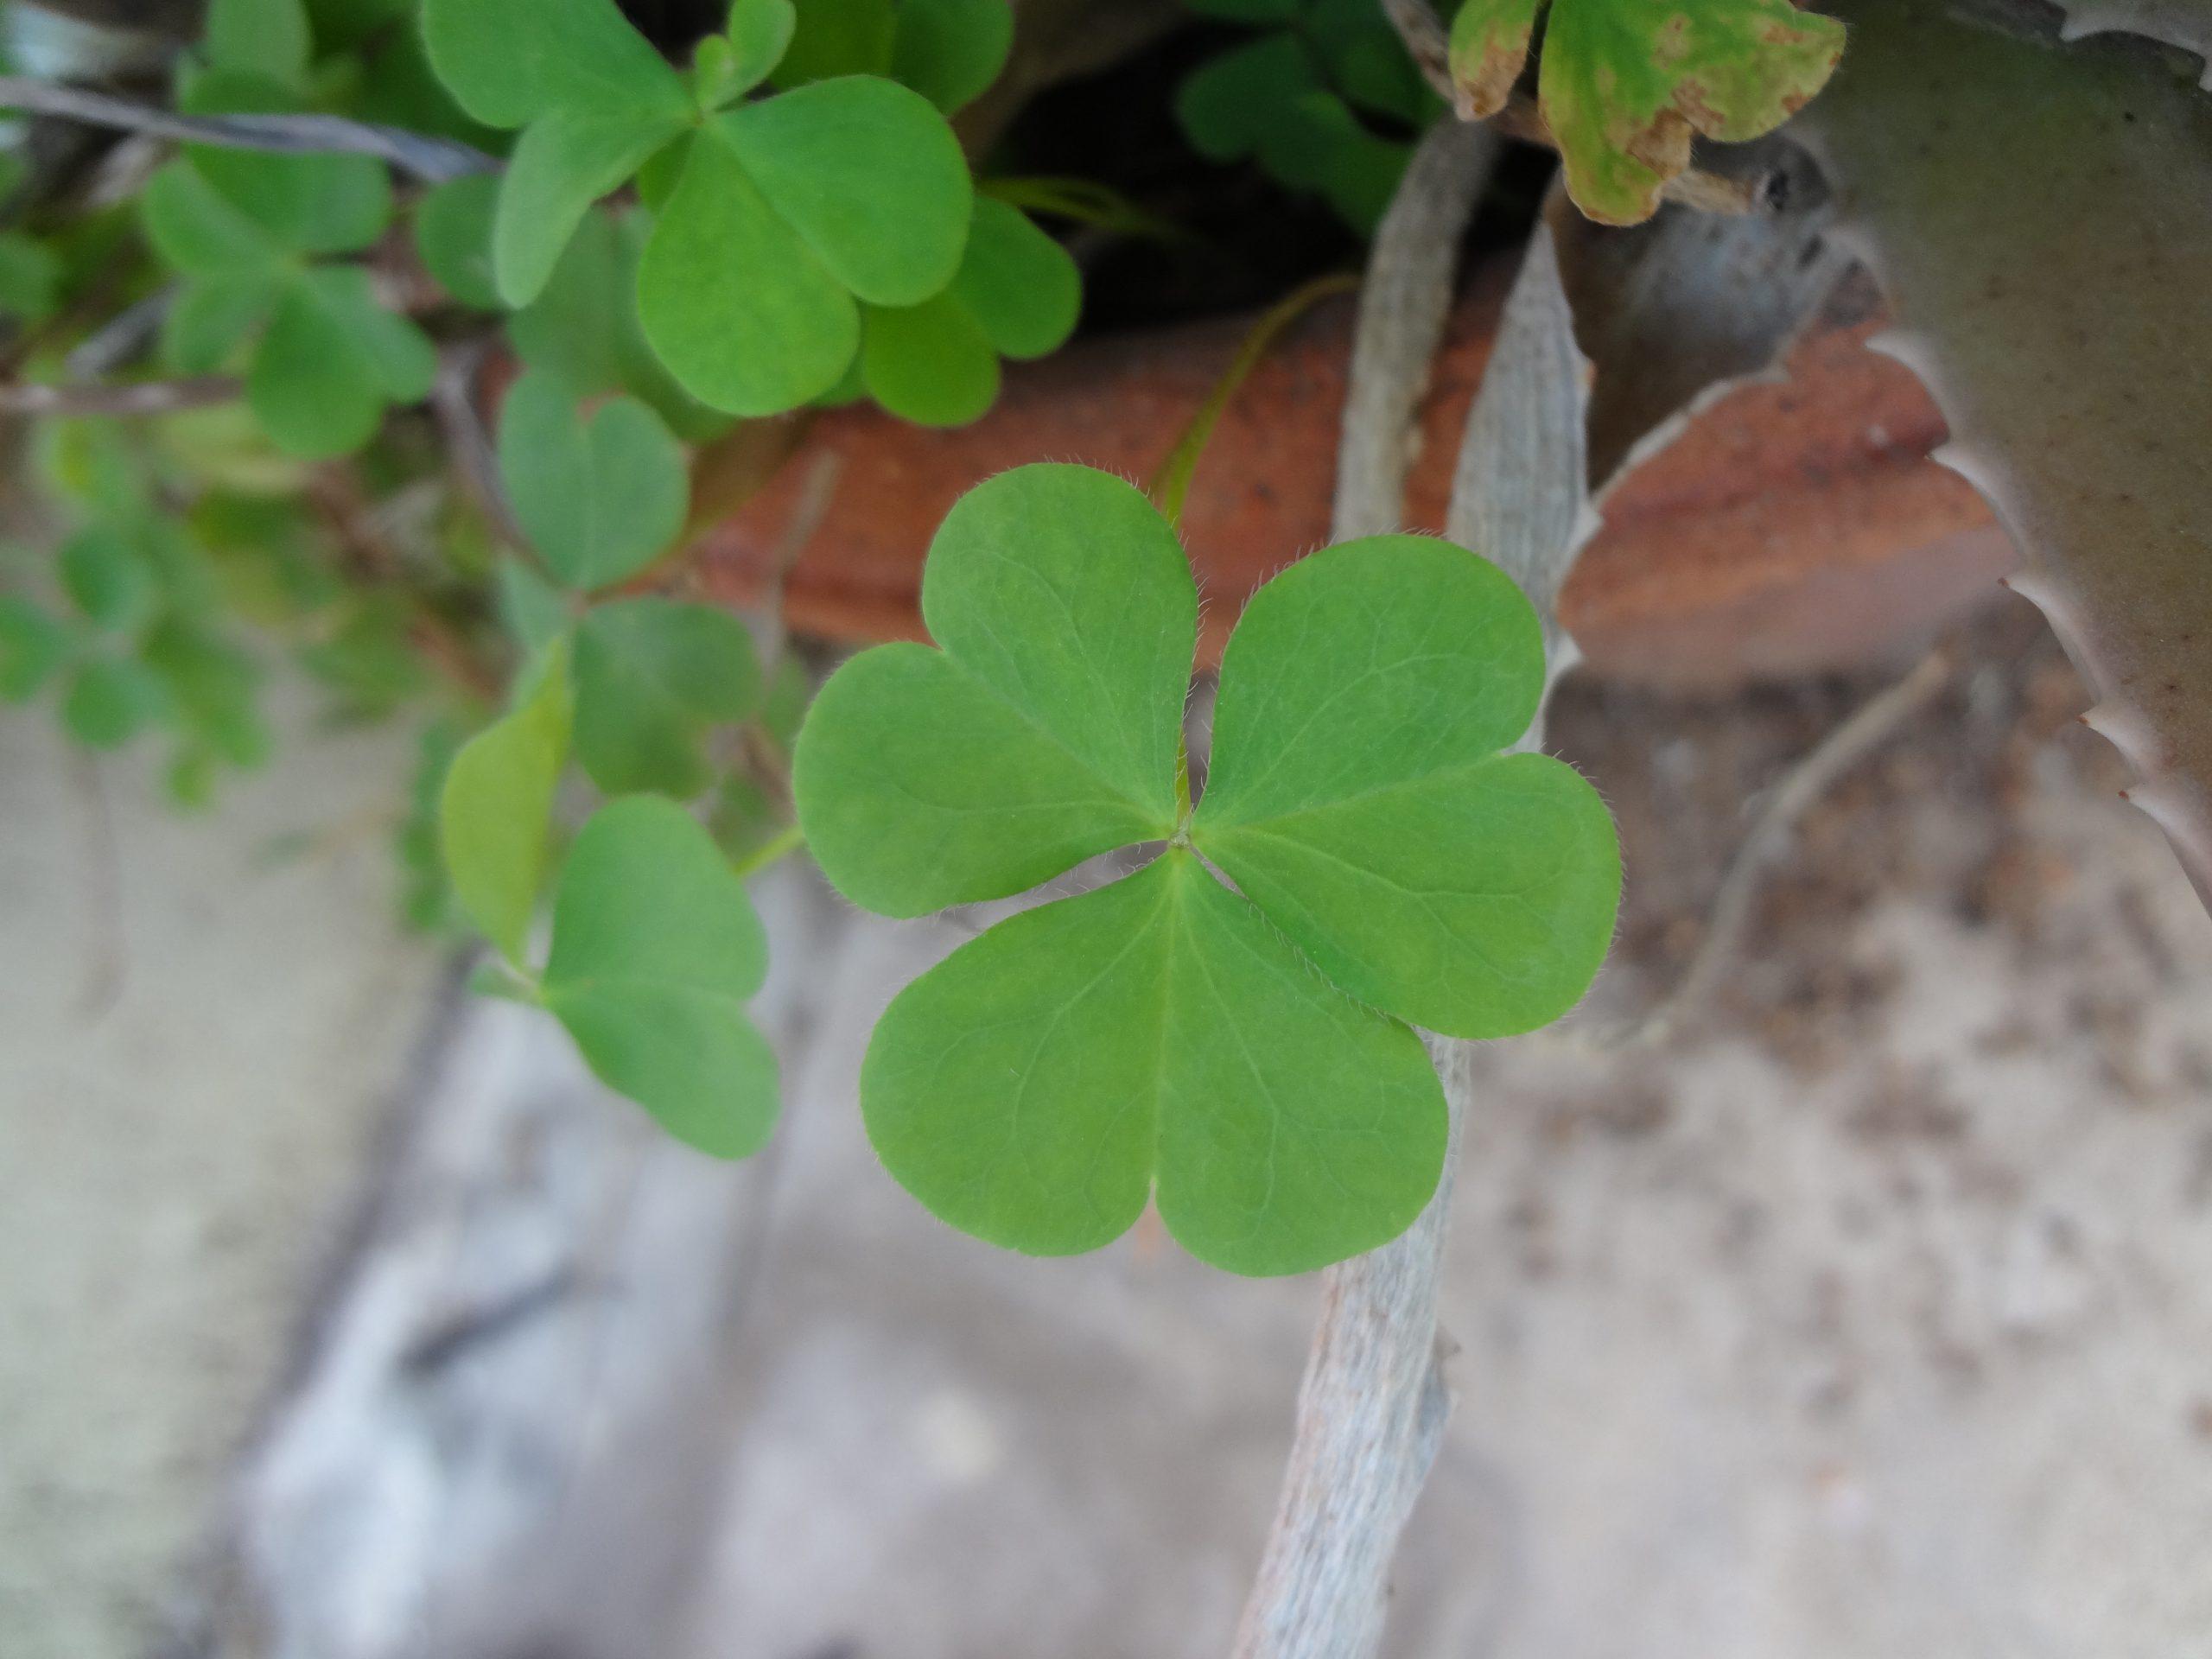 Petals of green plant